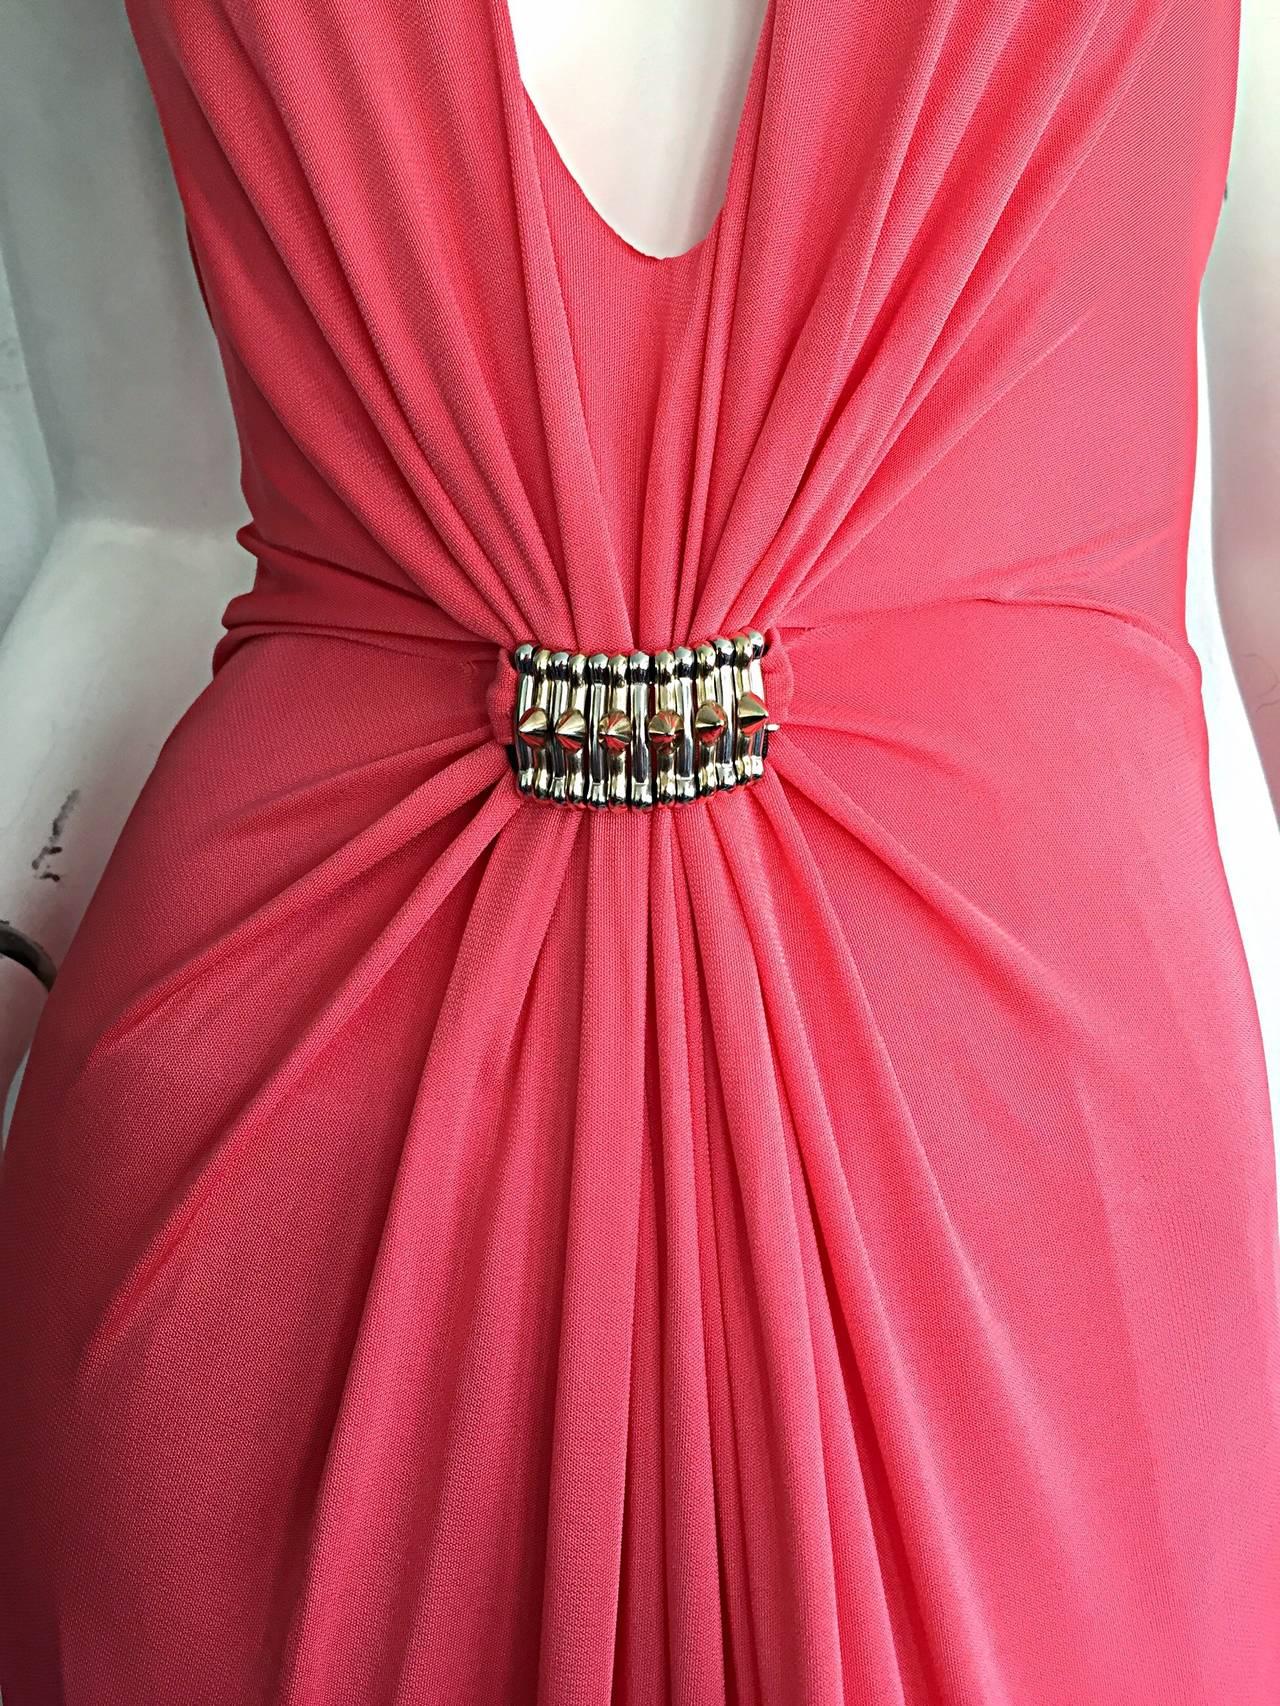 Byblos Pink Silk Jersey ' Plunge ' Pink Coral Halter Gown w/ Spikes 2